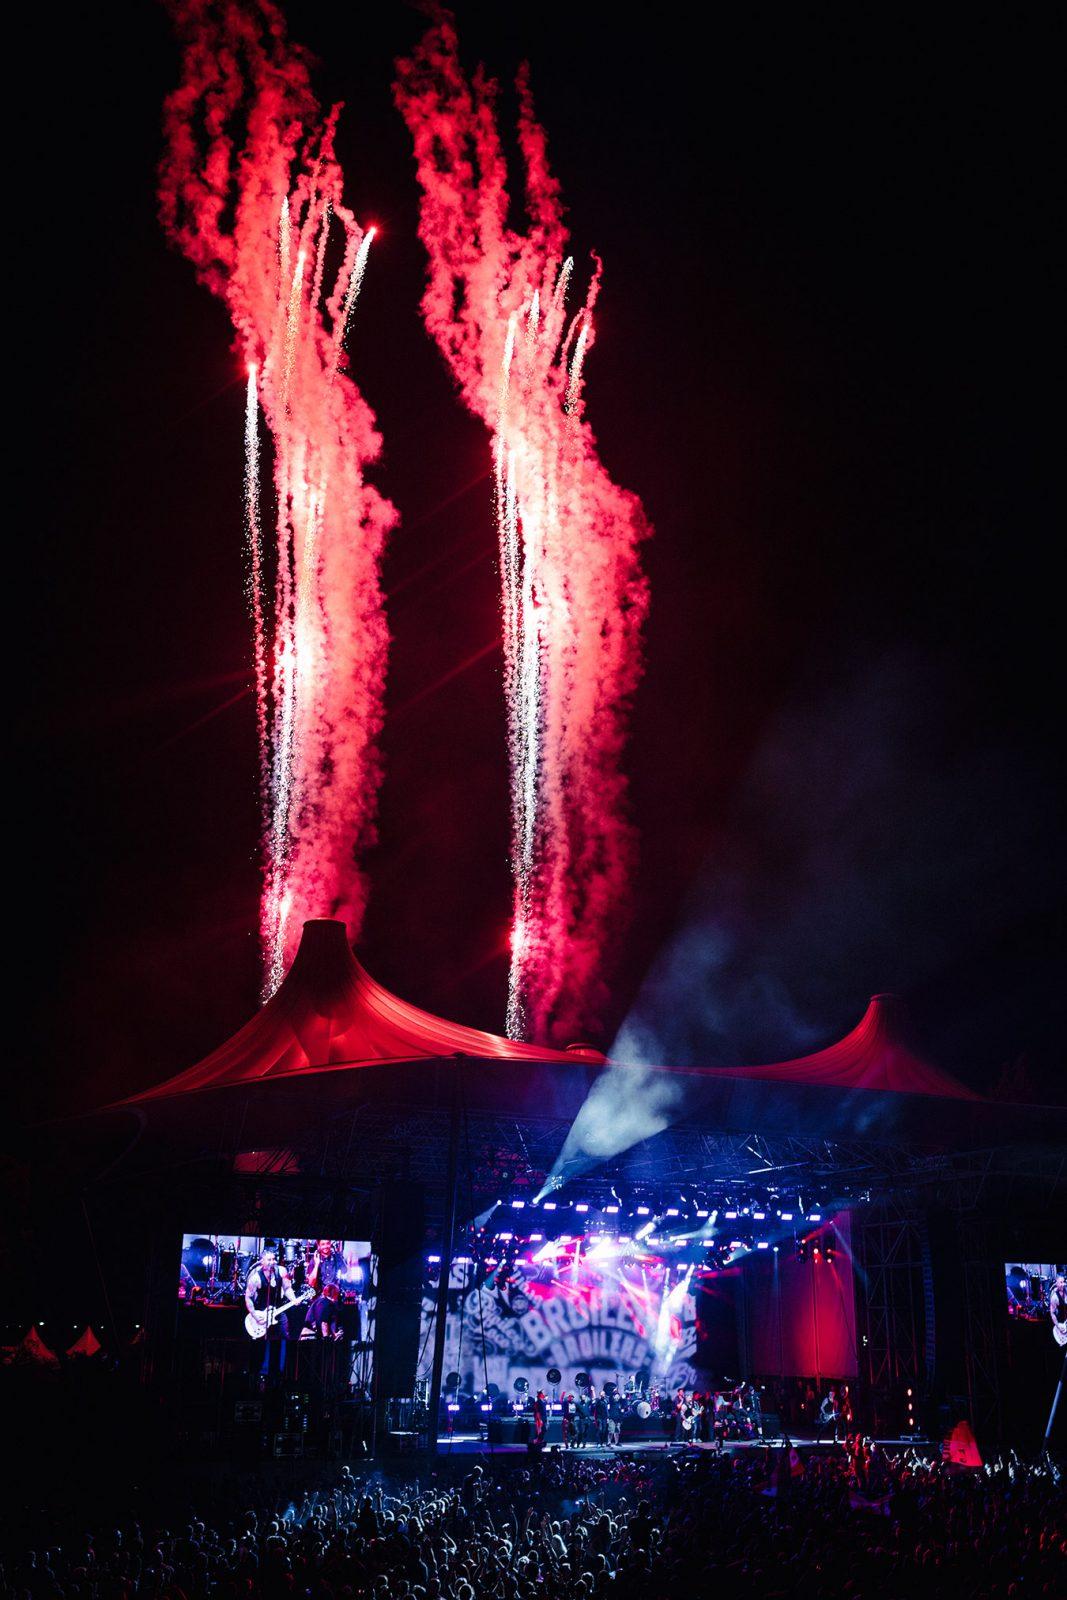 Broilers Feuerwerk